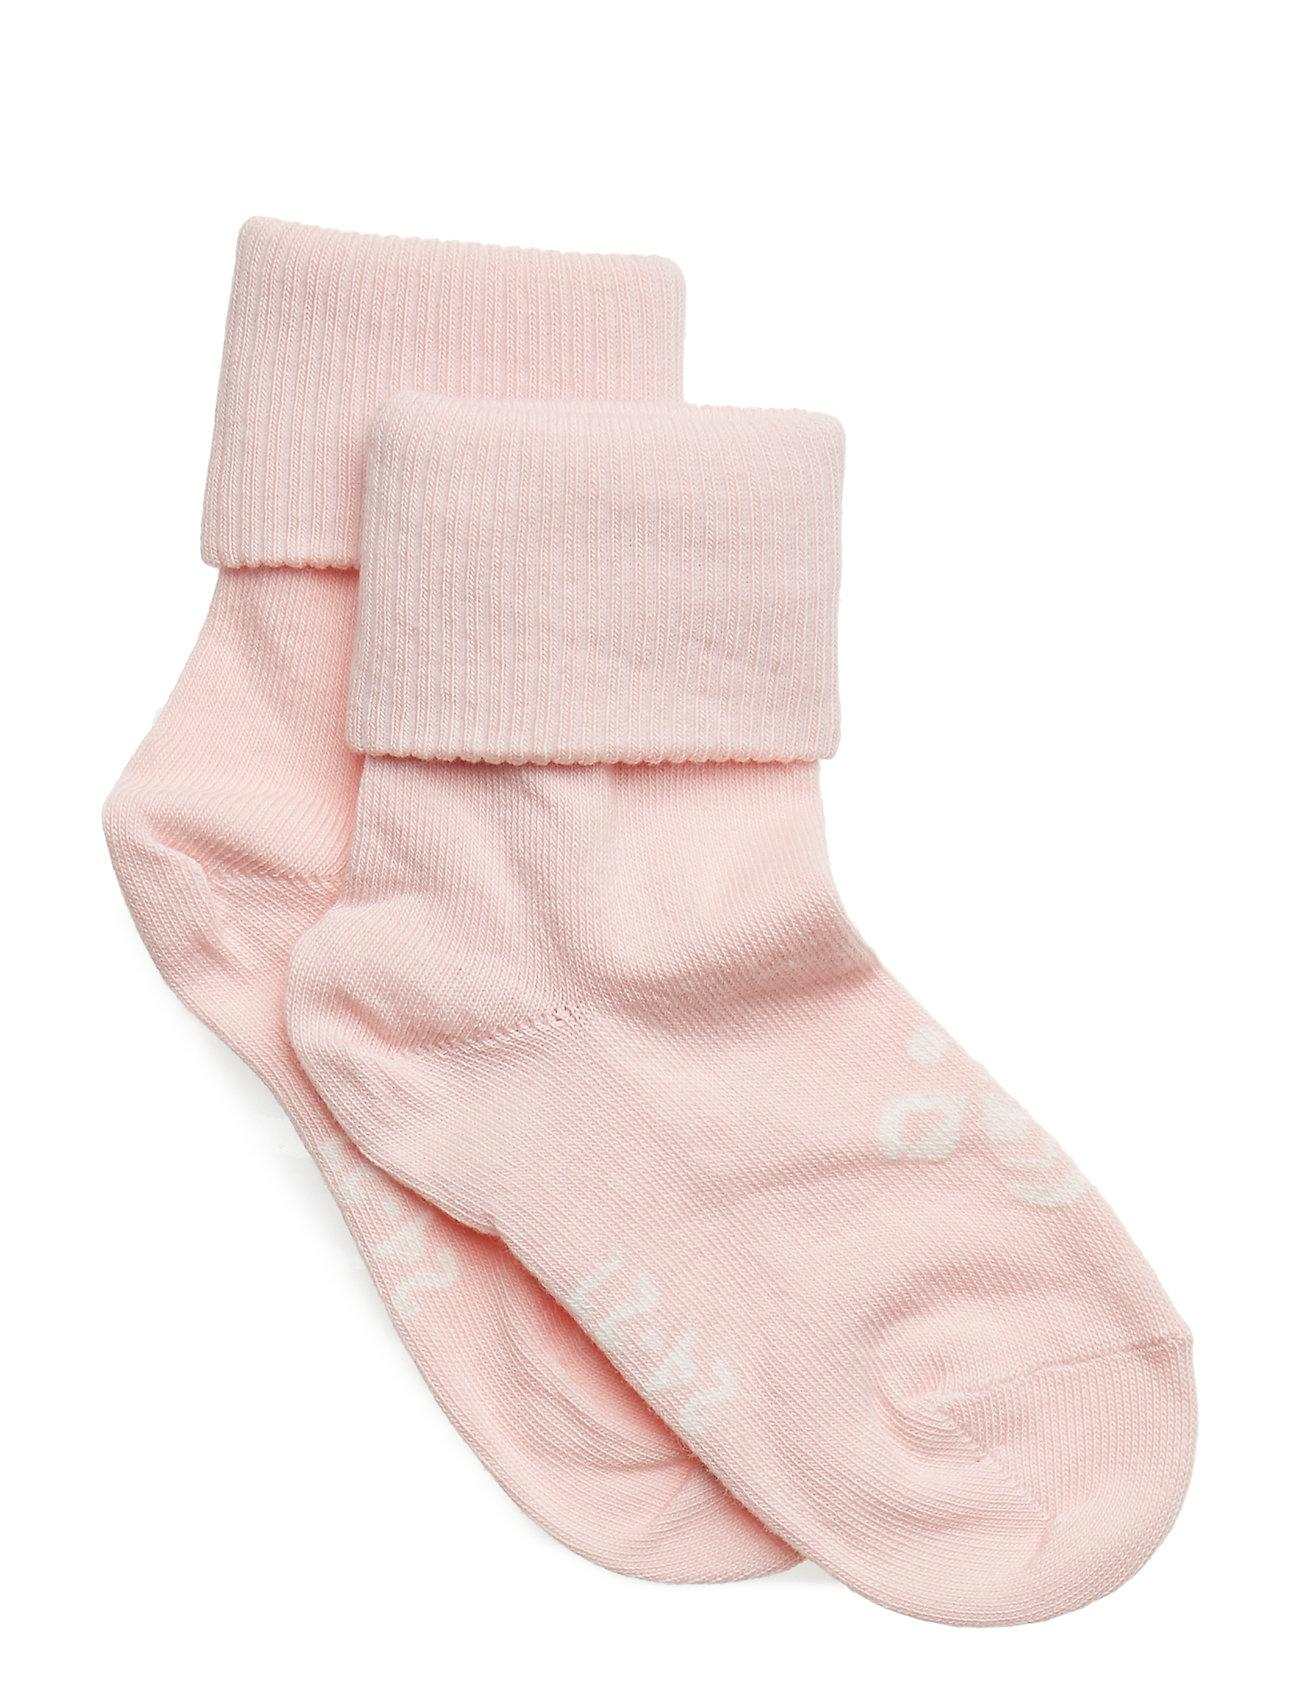 ad31c228ad9 Hummel strømper – Sora Socks til børn i STRAWBERRY CREAM - Pashion.dk